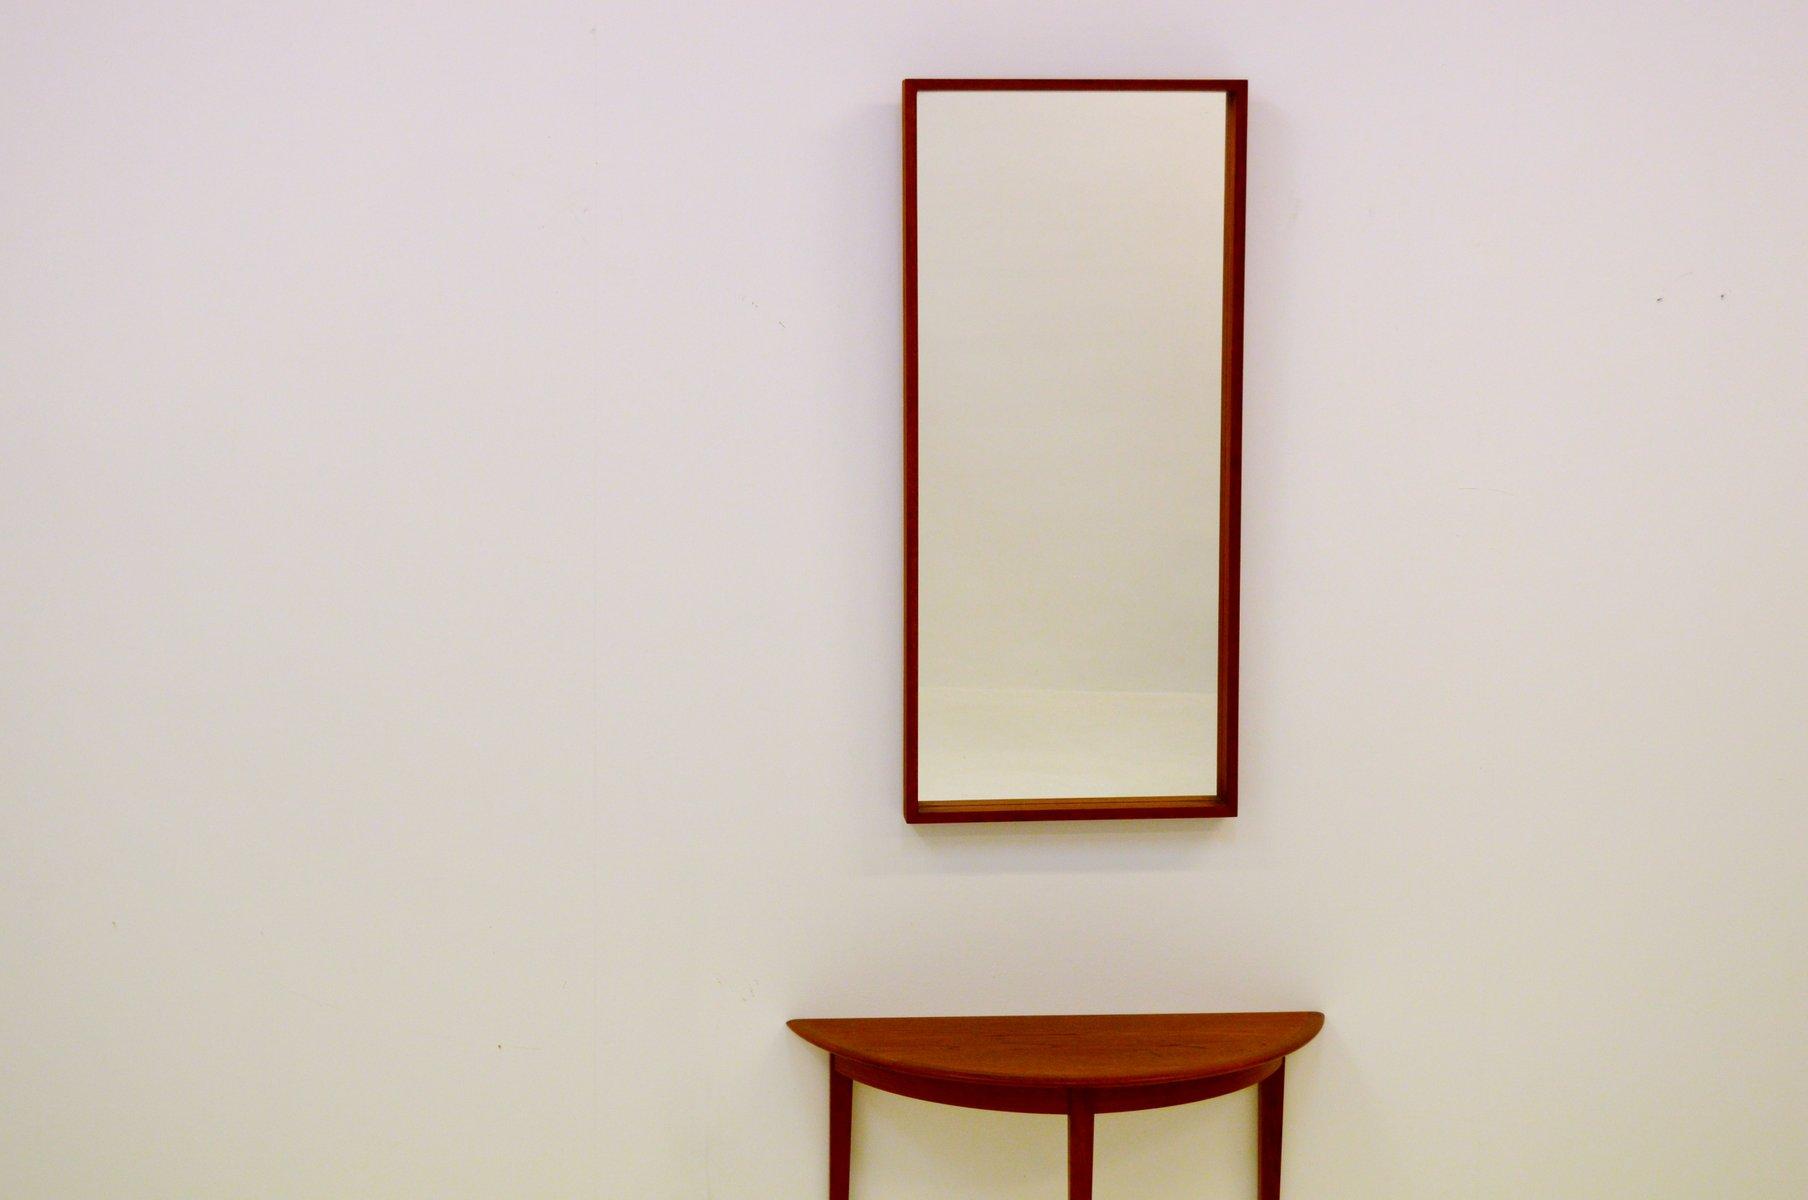 halbmond teak tisch und spiegel von glas tr 1960er bei pamono kaufen. Black Bedroom Furniture Sets. Home Design Ideas